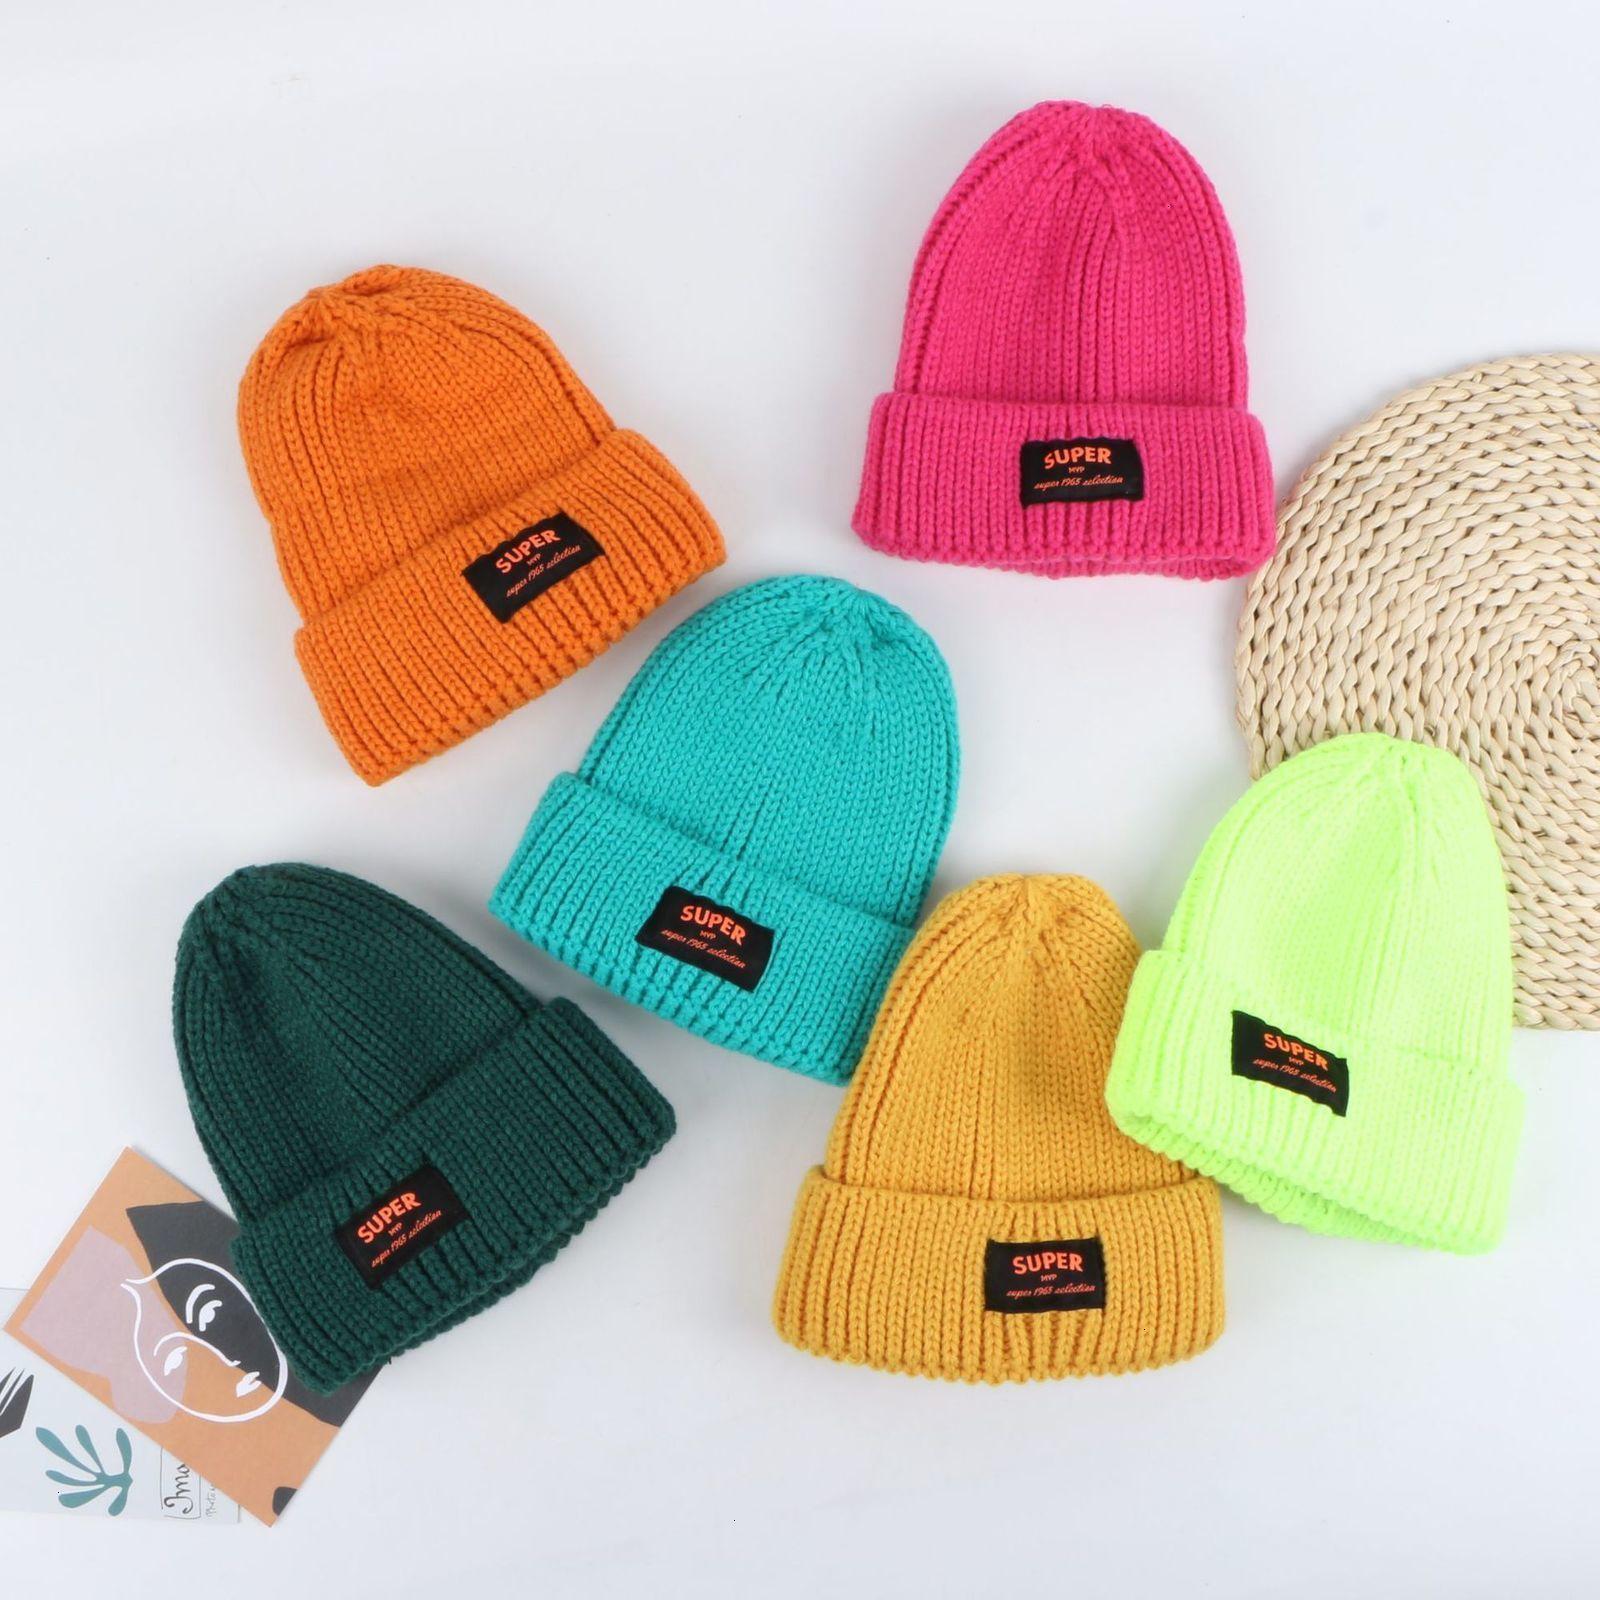 70% de descuento en invierno de la mujer Nueva capa doble engrosada de color puro de punto coreano casual versátil cálido sombrero de lana